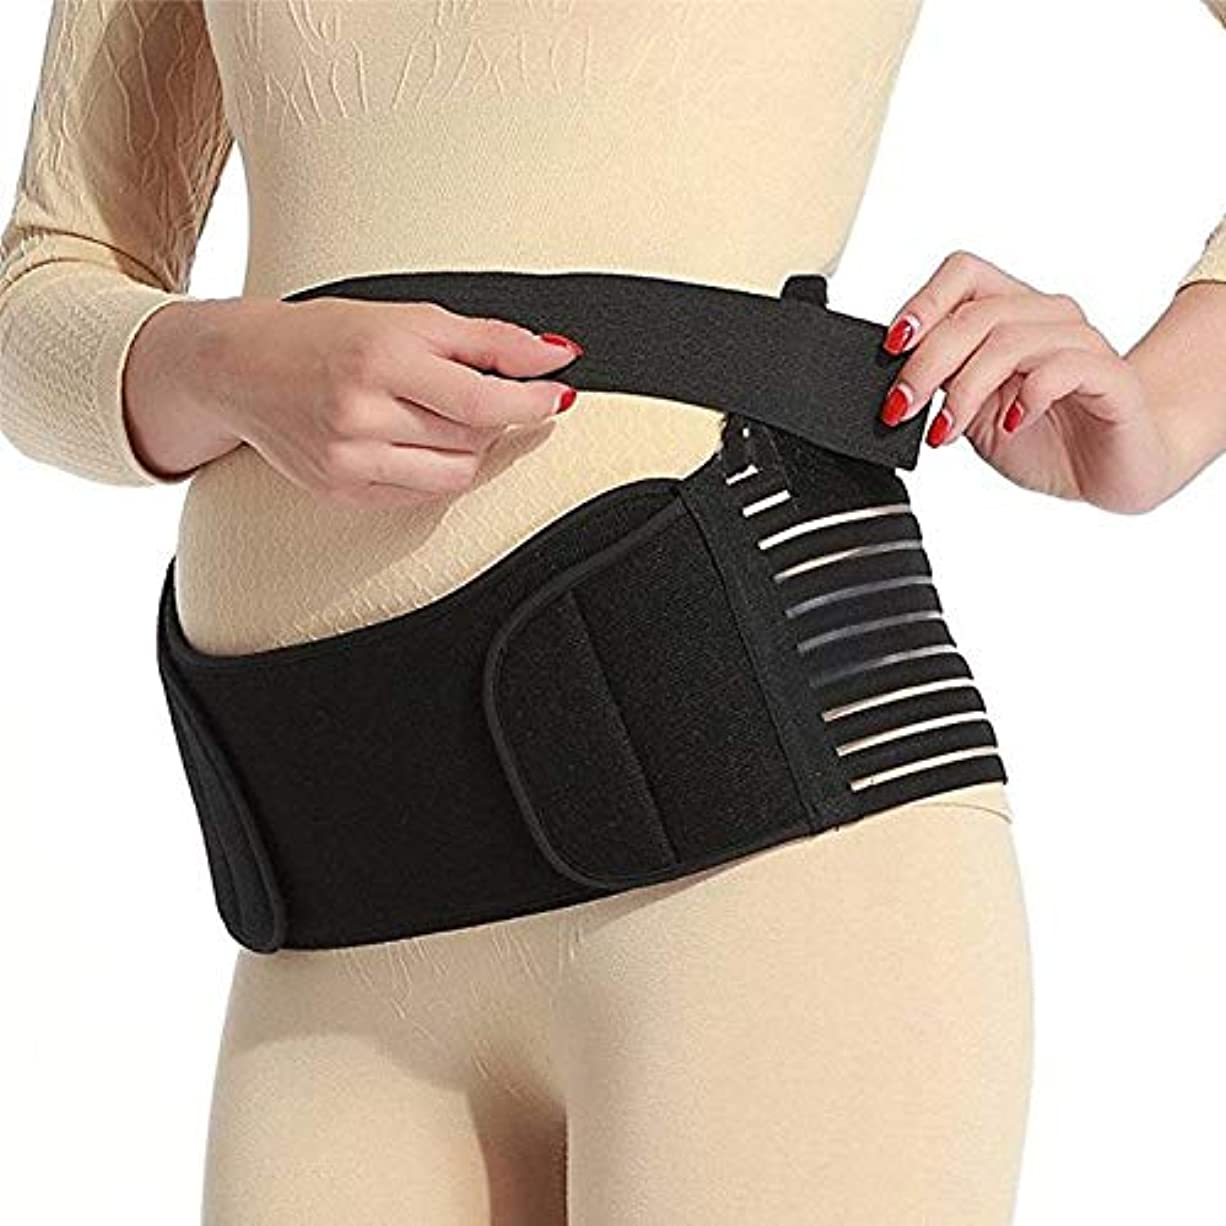 噴出する四半期コットン通気性マタニティベルト妊娠中の腹部サポート腹部バインダーガードル運動包帯産後の回復shapewear - ブラックM